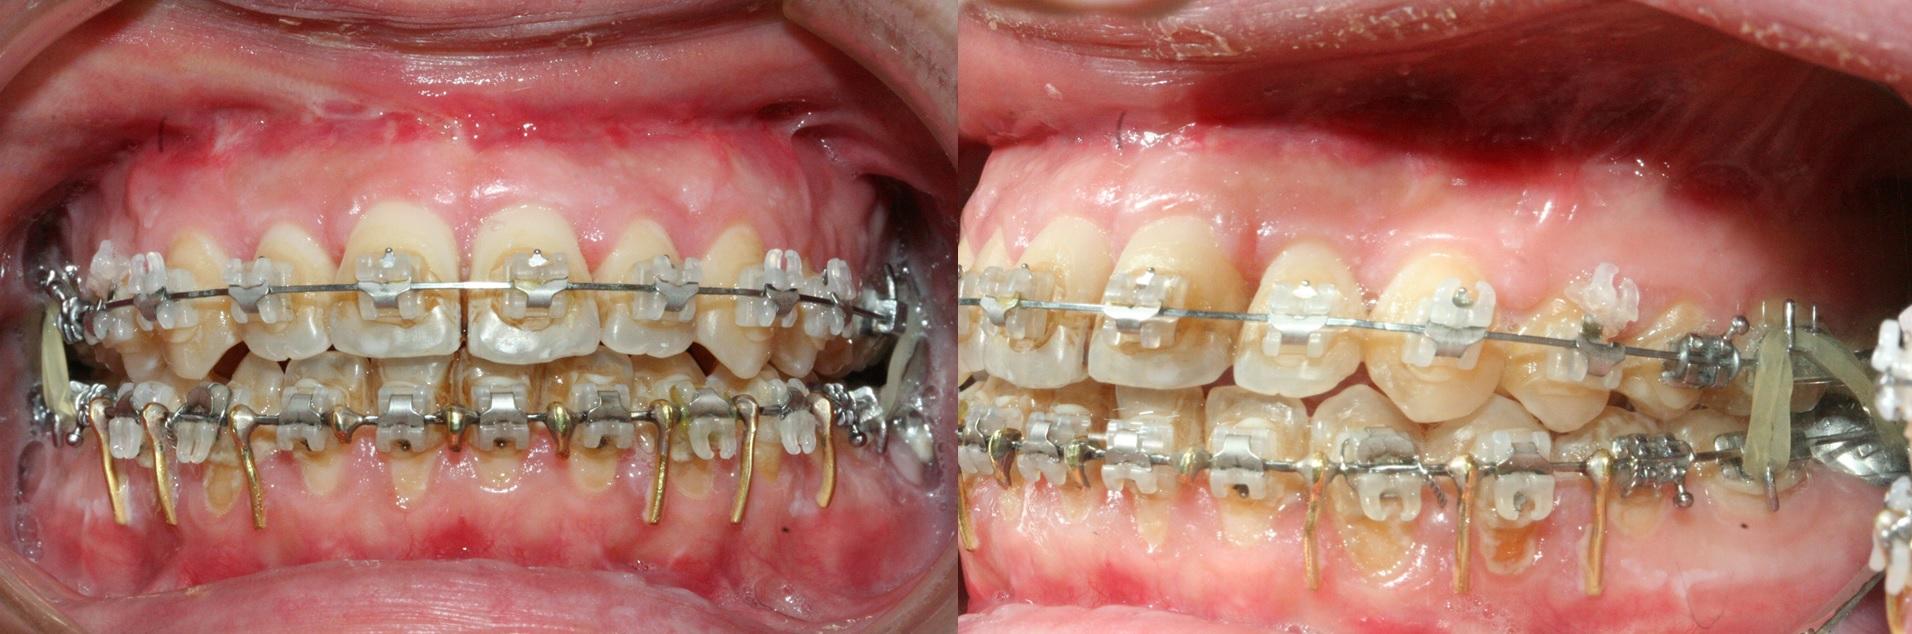 Cas 2 - traitement orthodontie rapide - corticotomies - prognathie -3.jpg